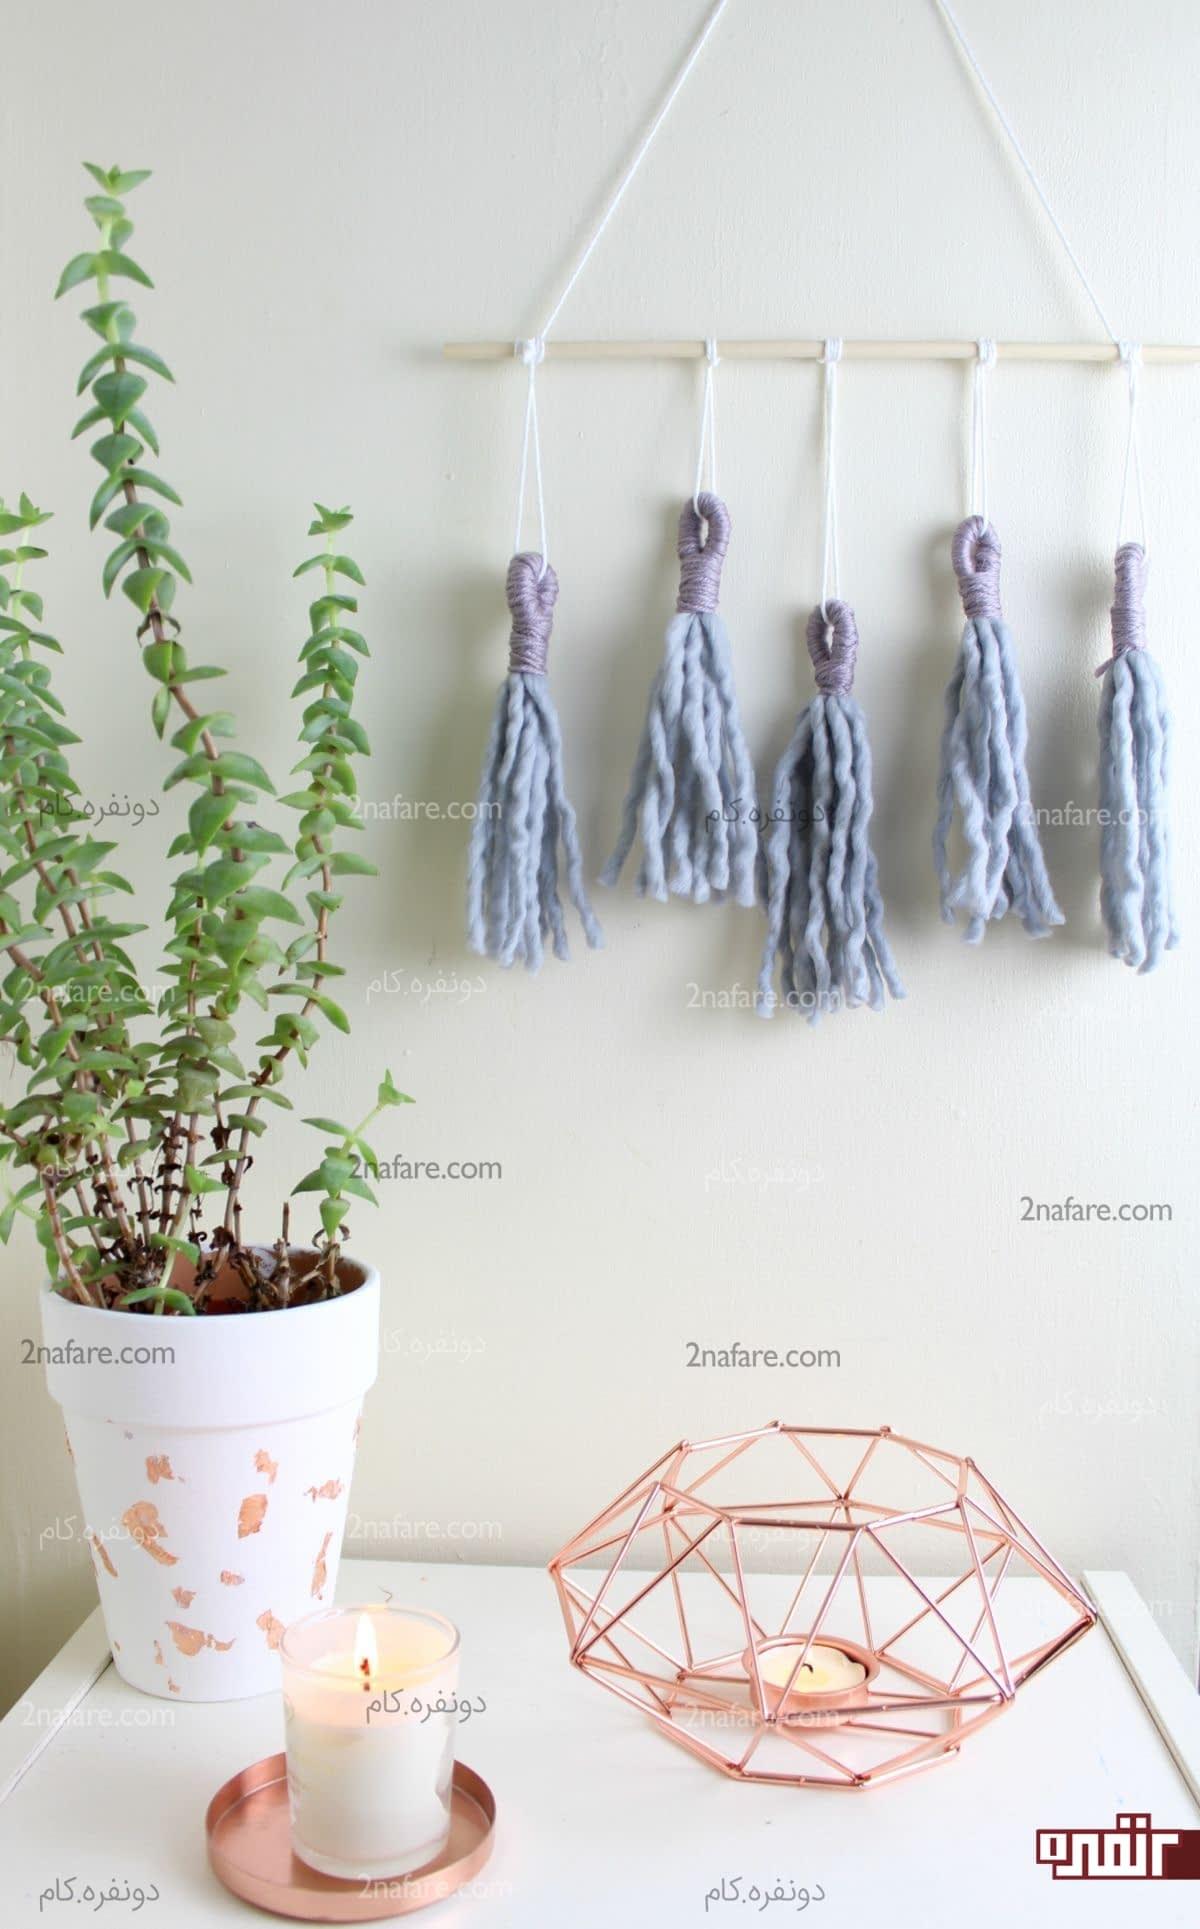 آموزش ساخت منگوله های آویز برای تزیینات سنتی دیوارها